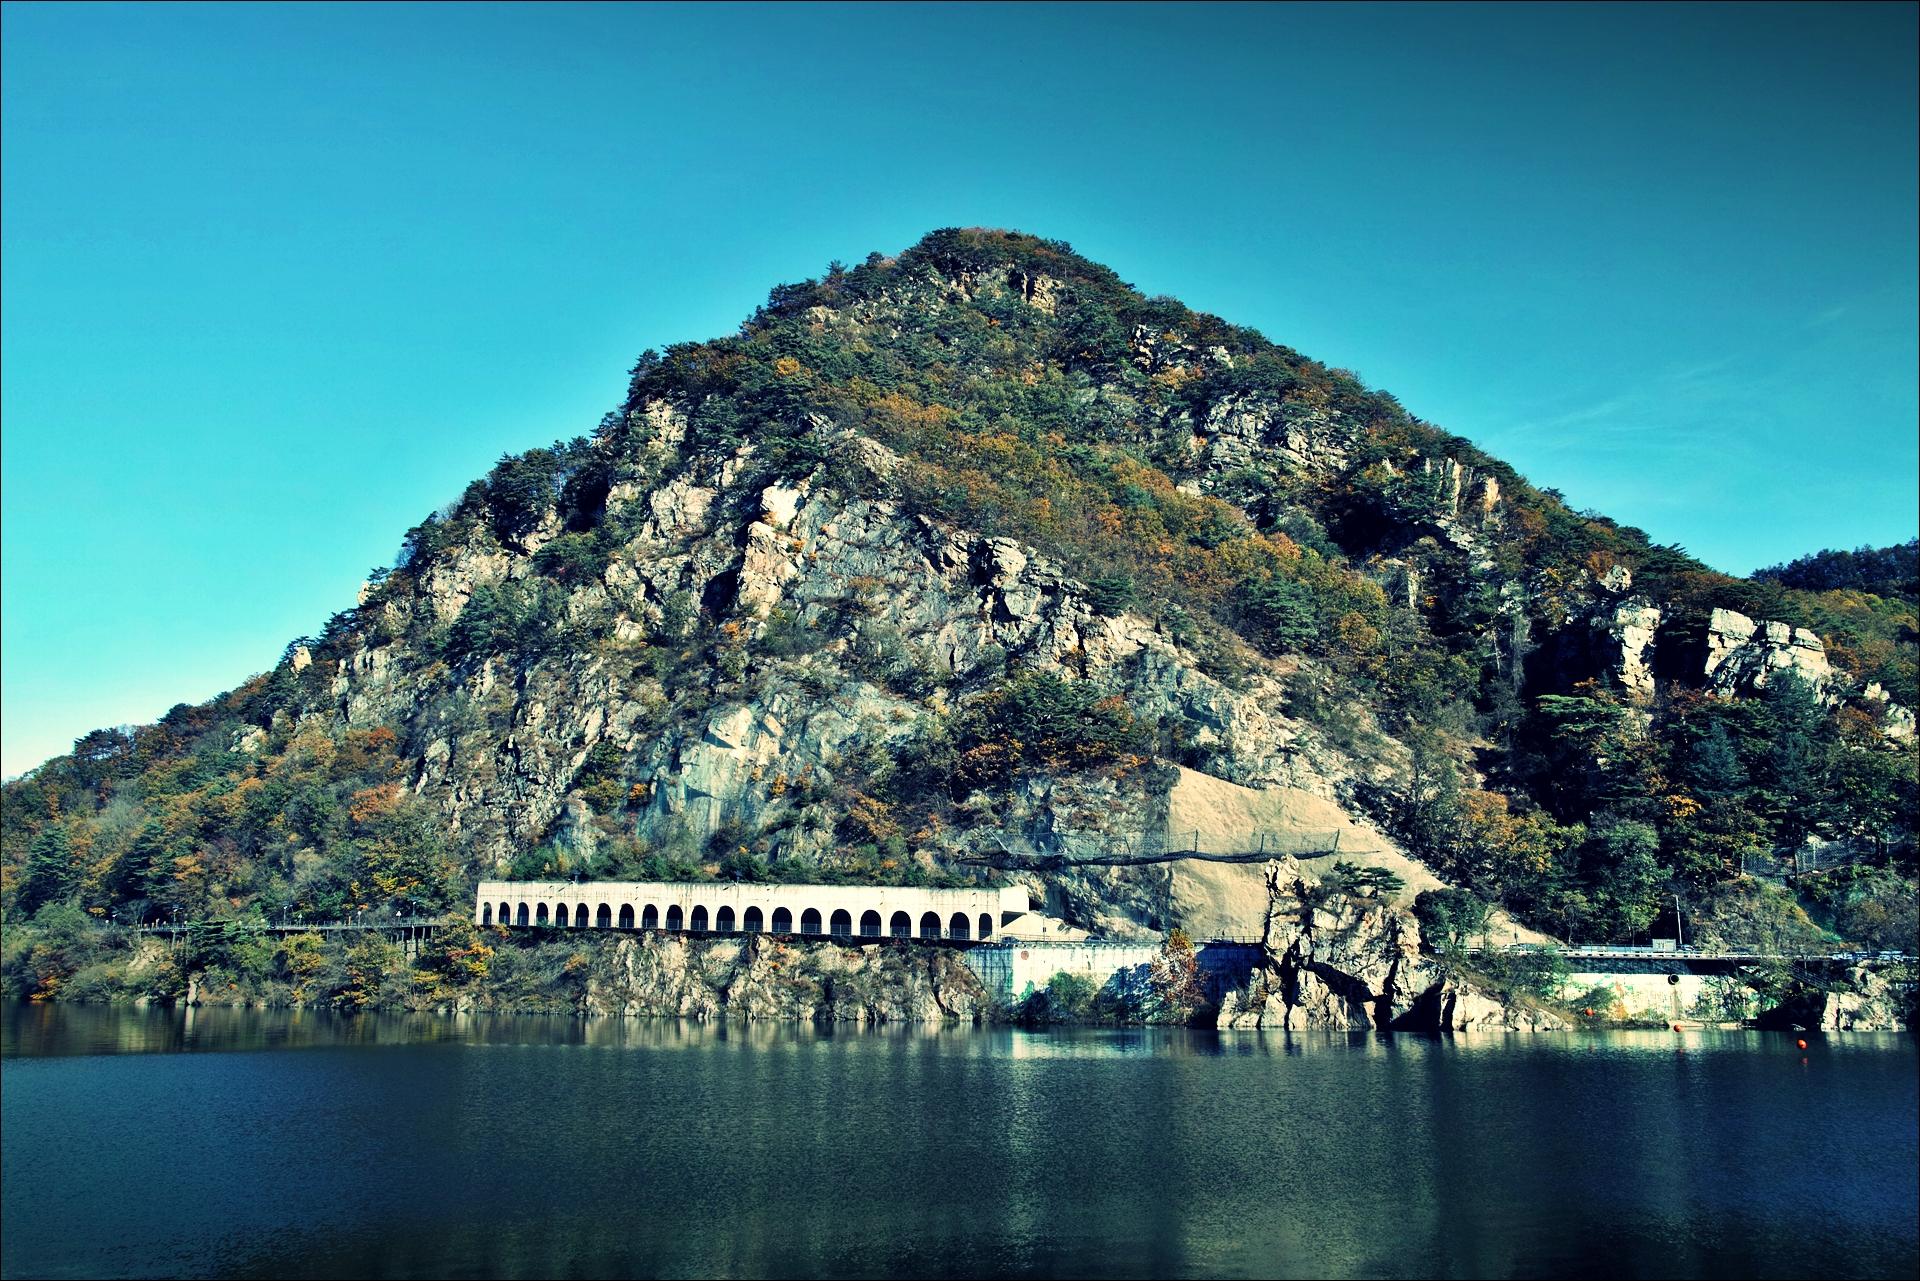 한강-'미니벨로(오리바이크 서파즈 AR20) 타고 북한강 자전거 여행'